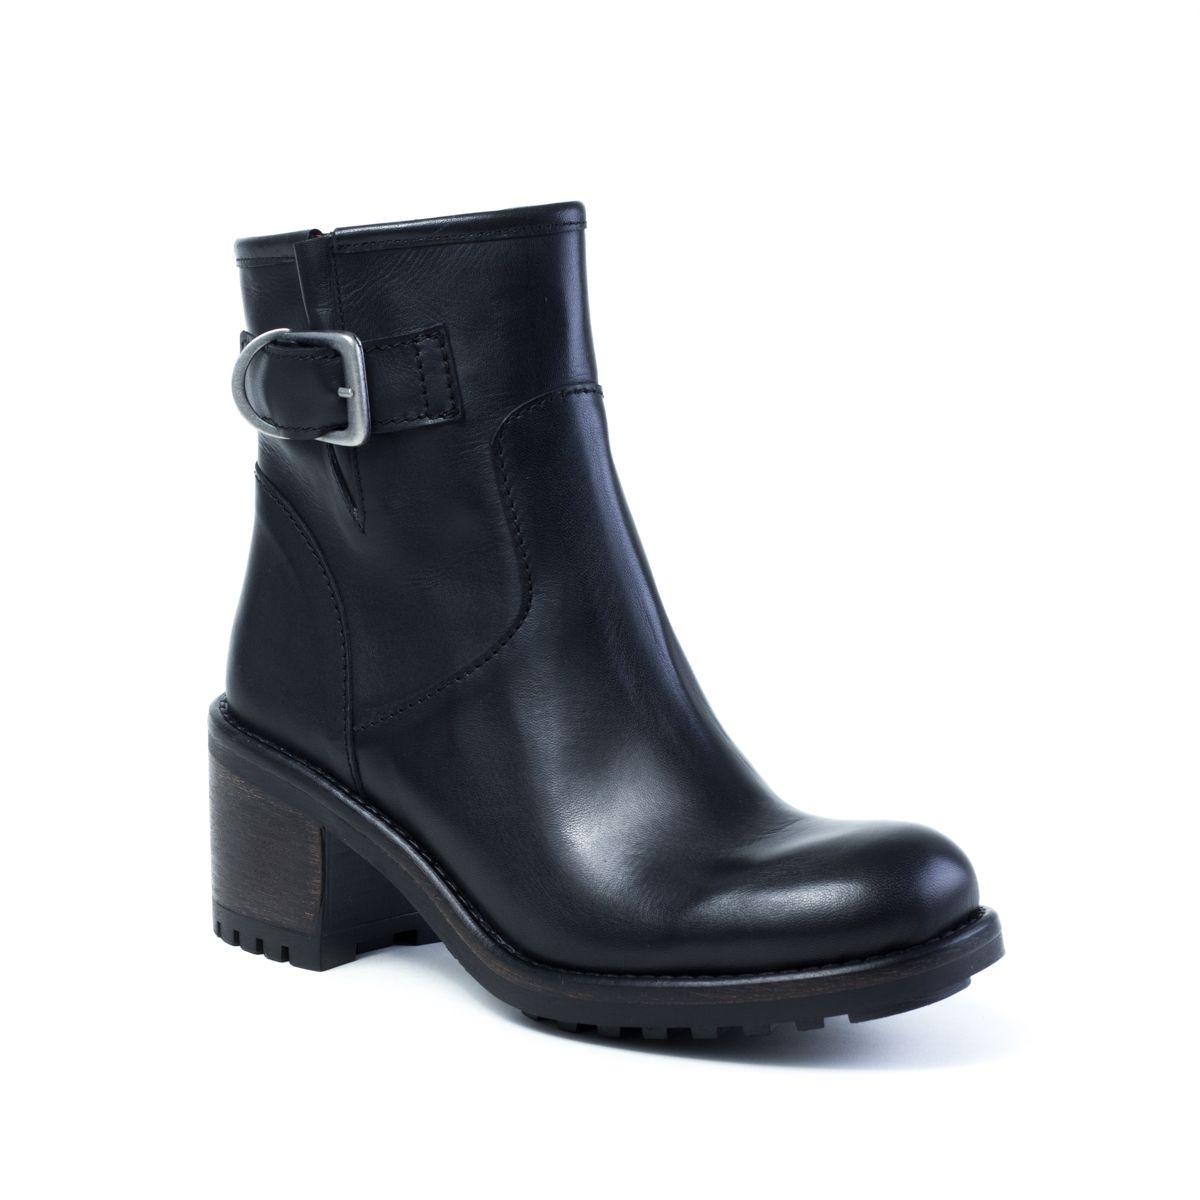 Boots femme en cuir lisse noir de la marque WUS by E-Cow